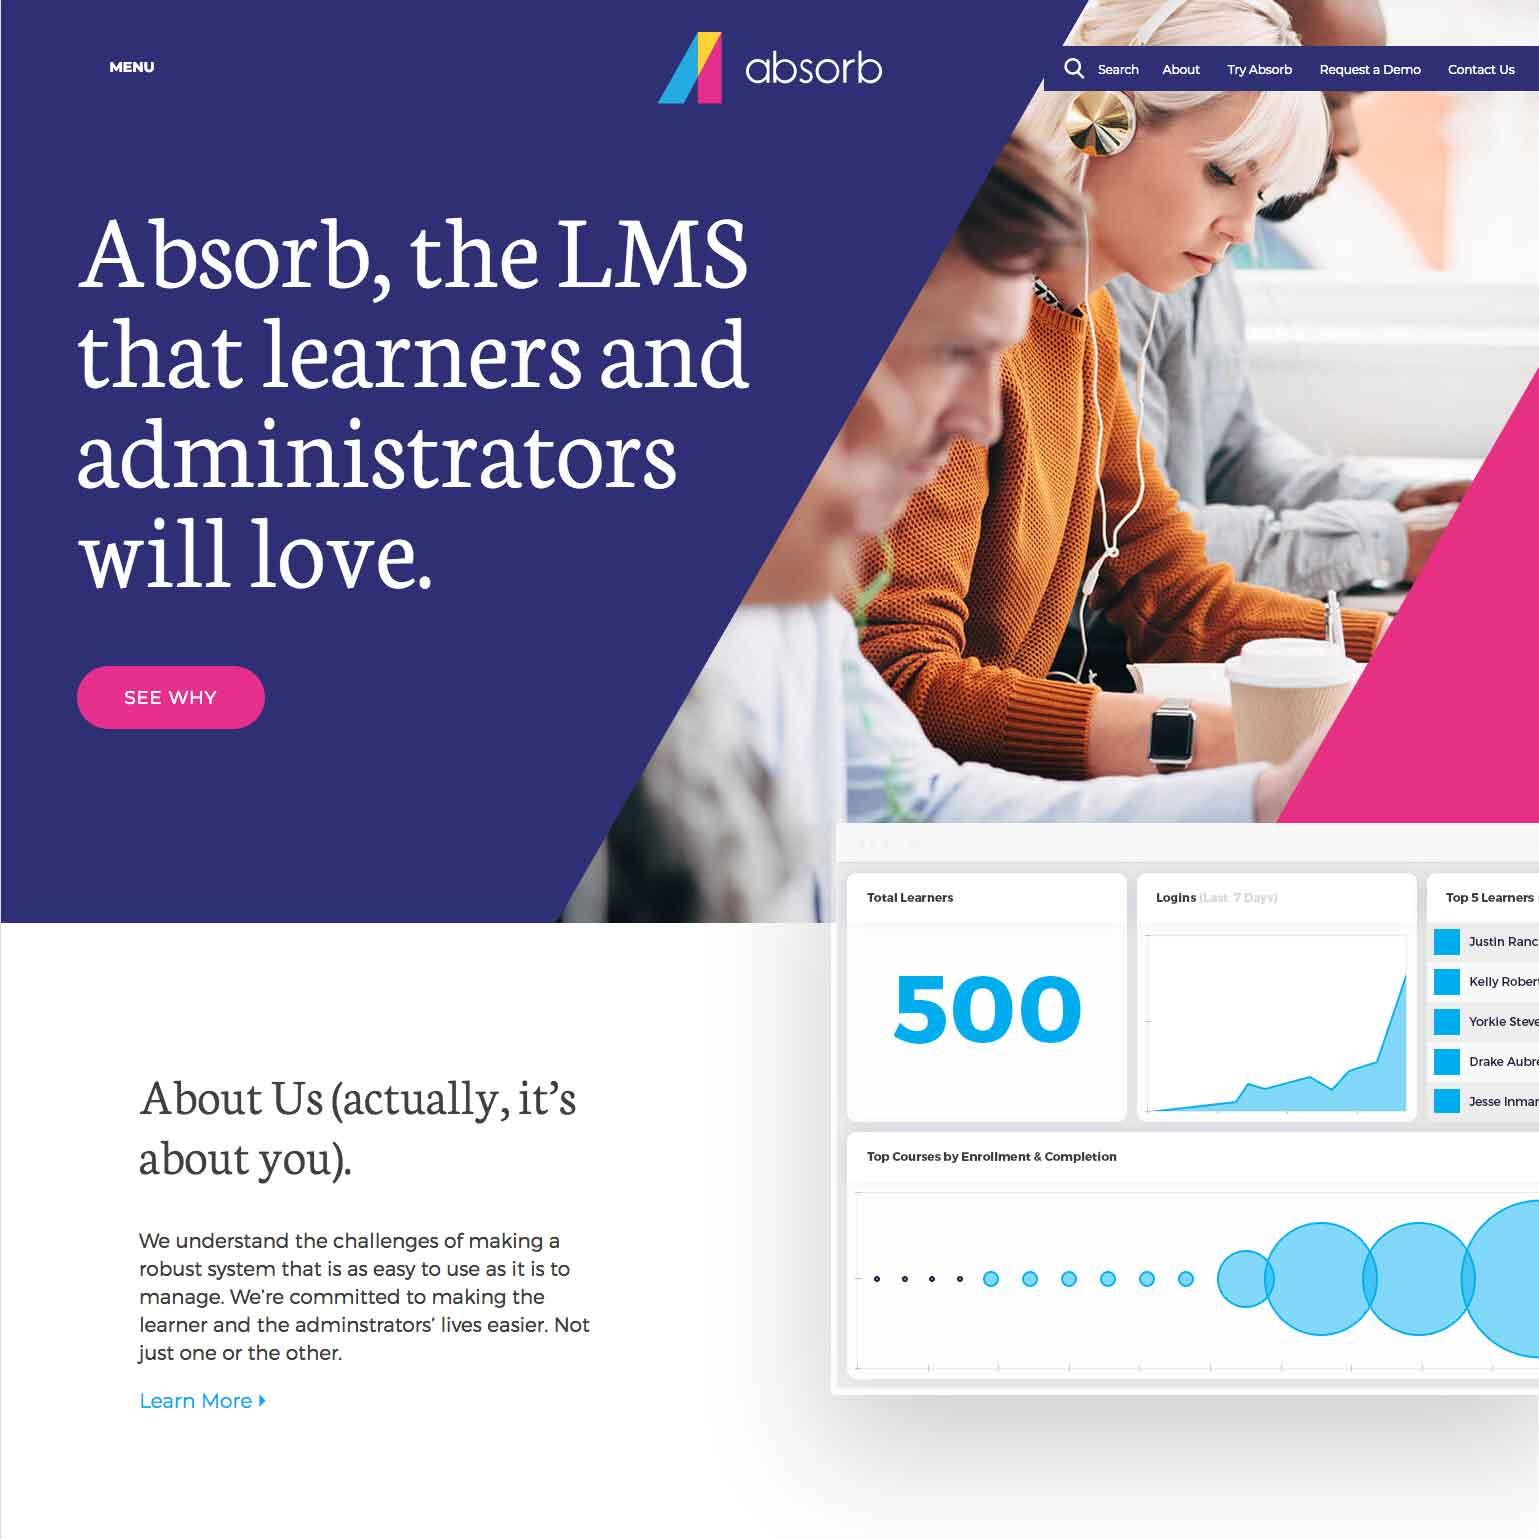 Website for Absorb LMS